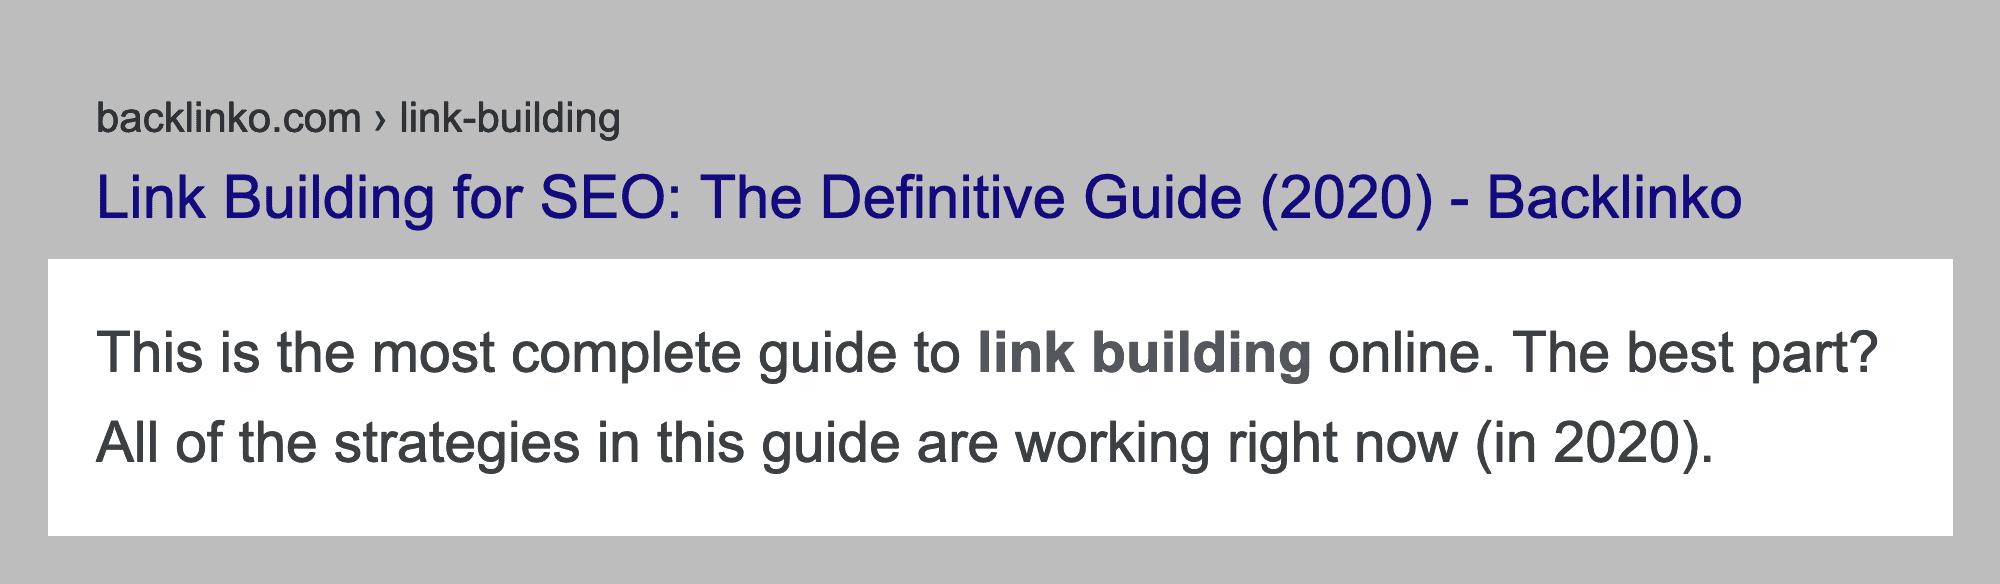 Link Building Guide SERP Description